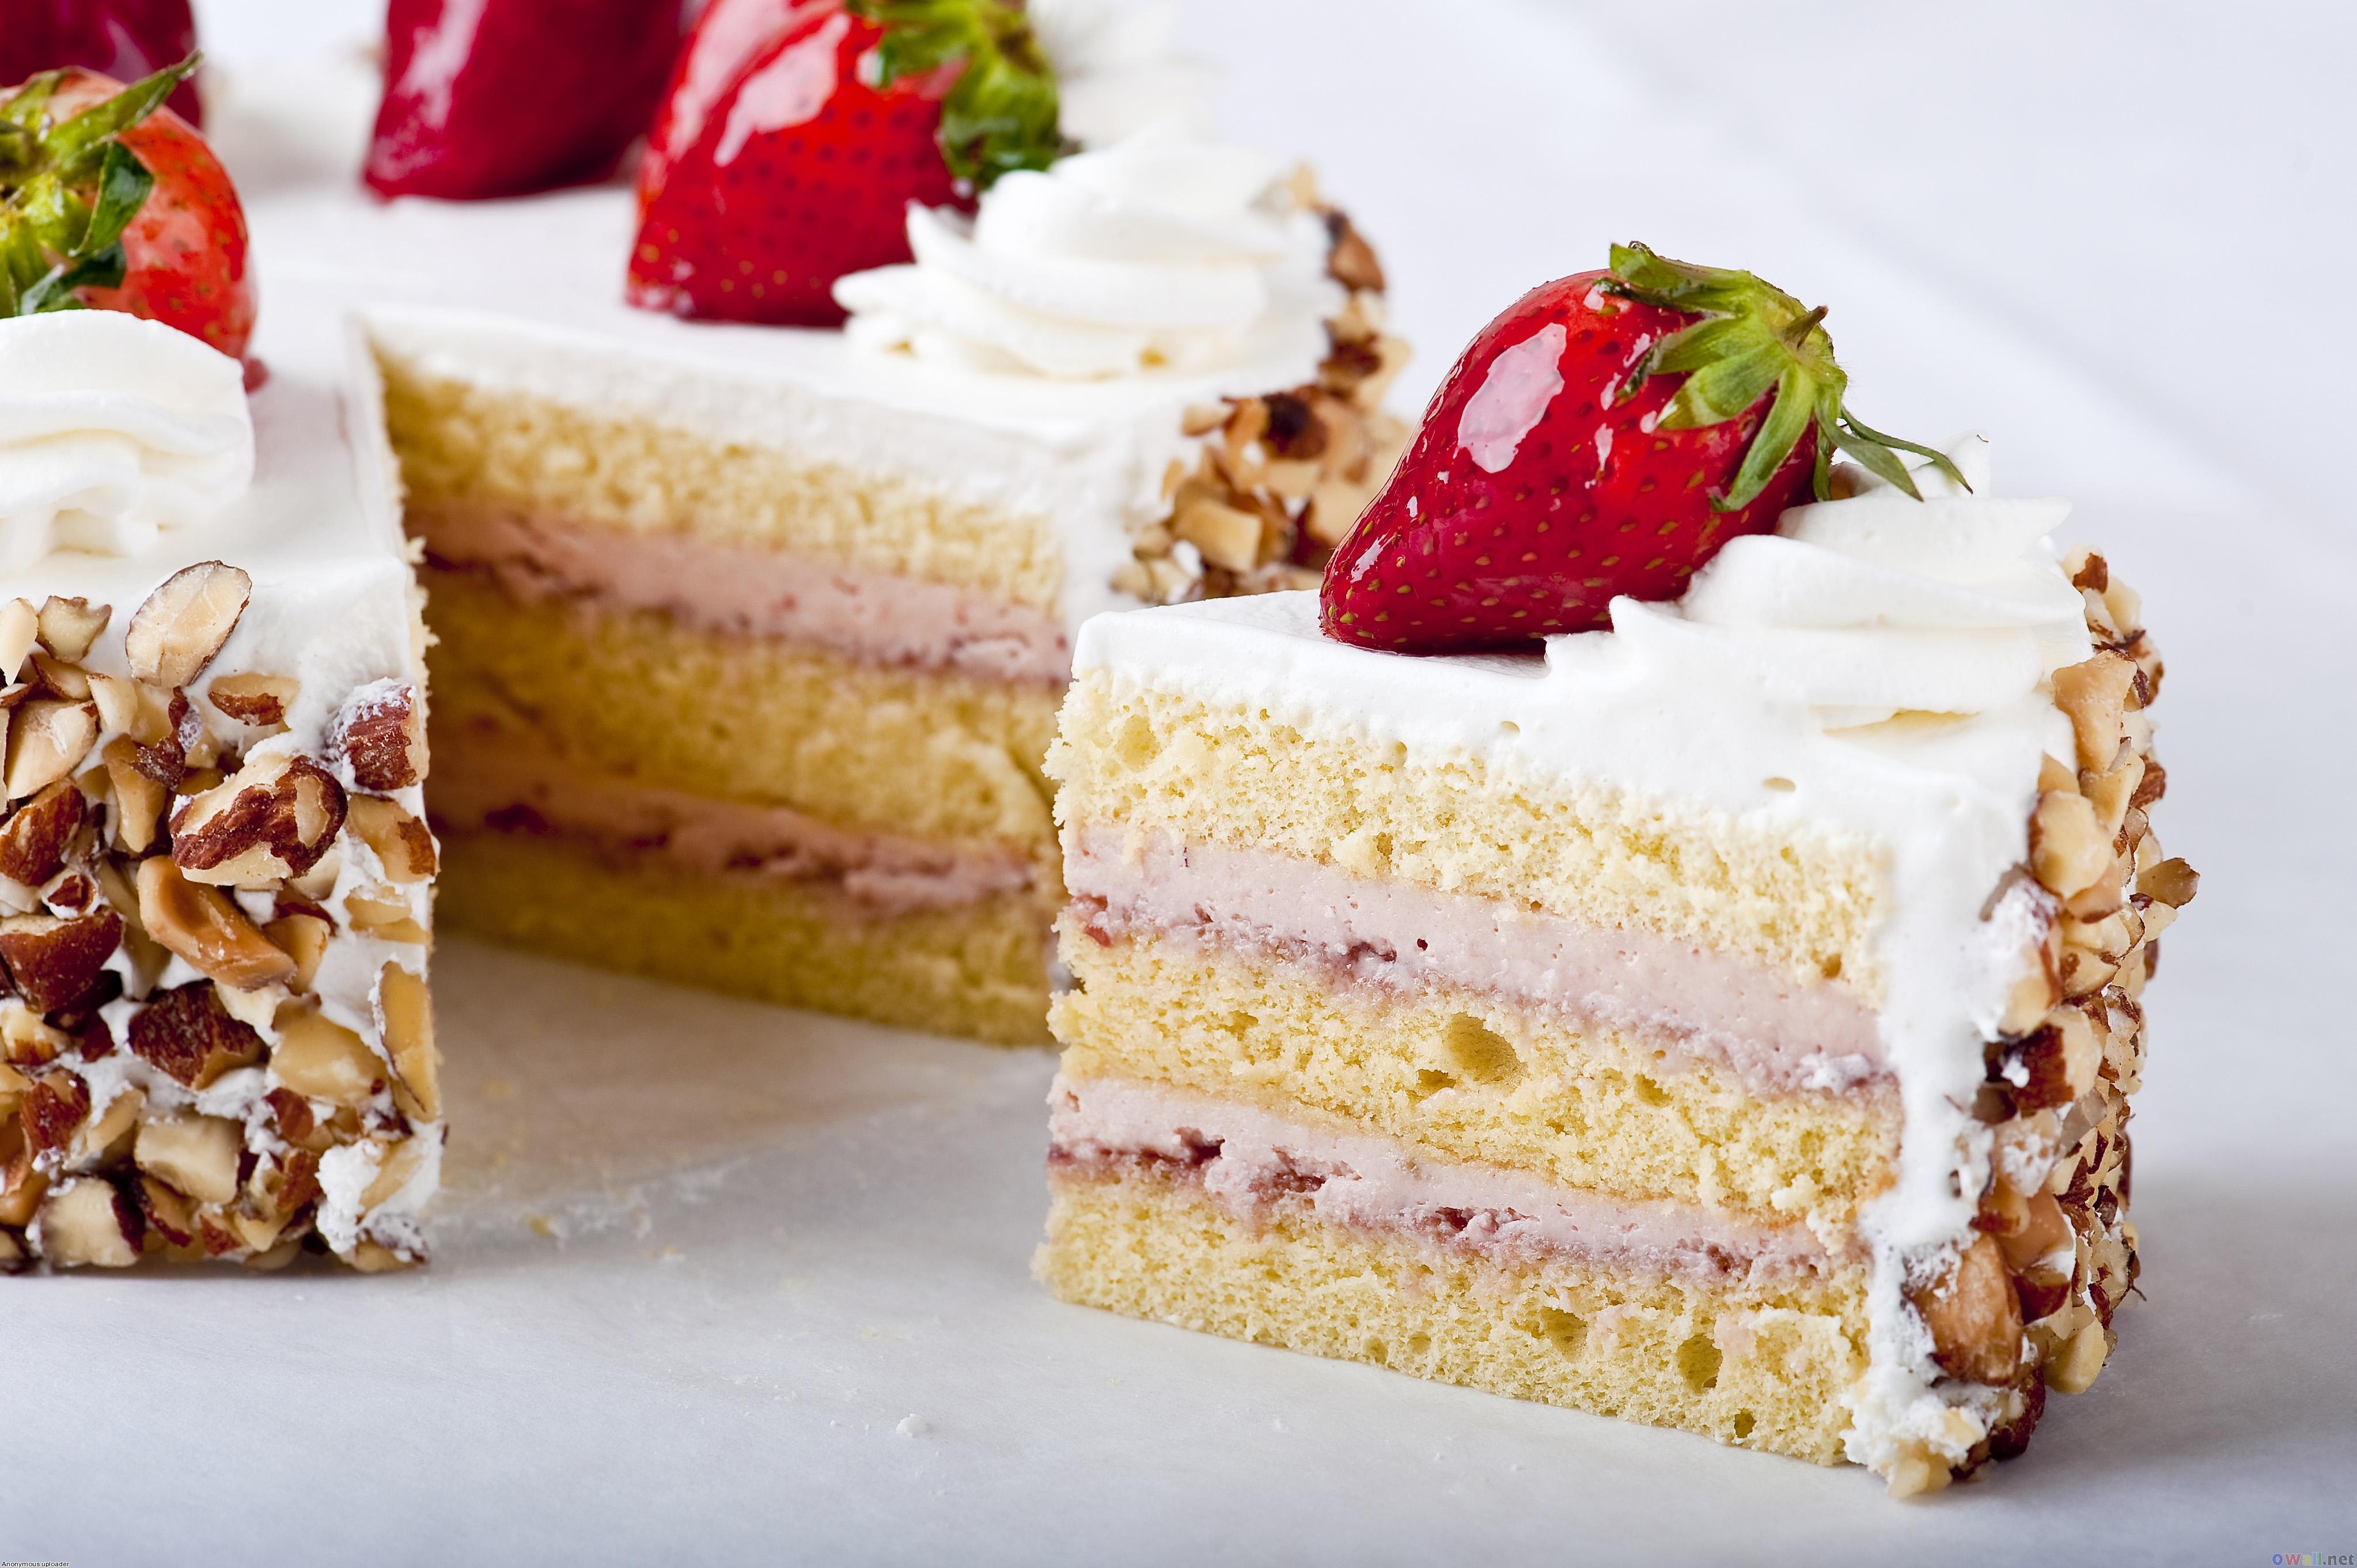 Кусок торта со свечей  № 2184003 без смс